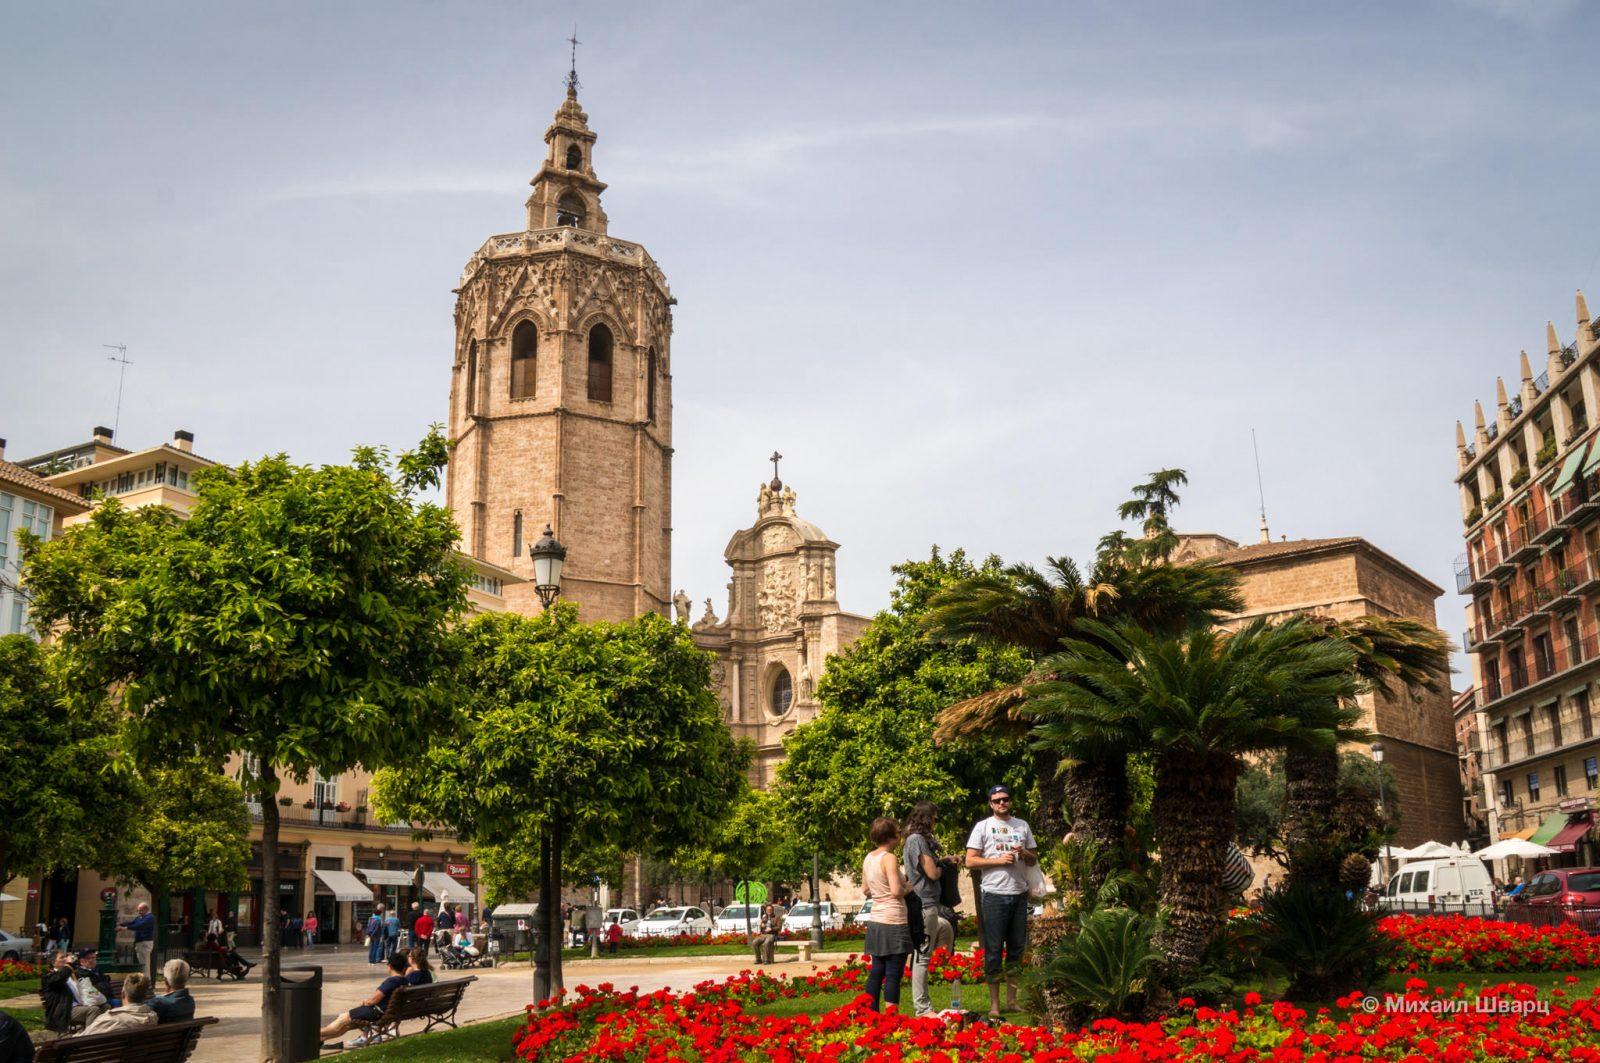 Вид на колокольню с площади Plaça de la Reina